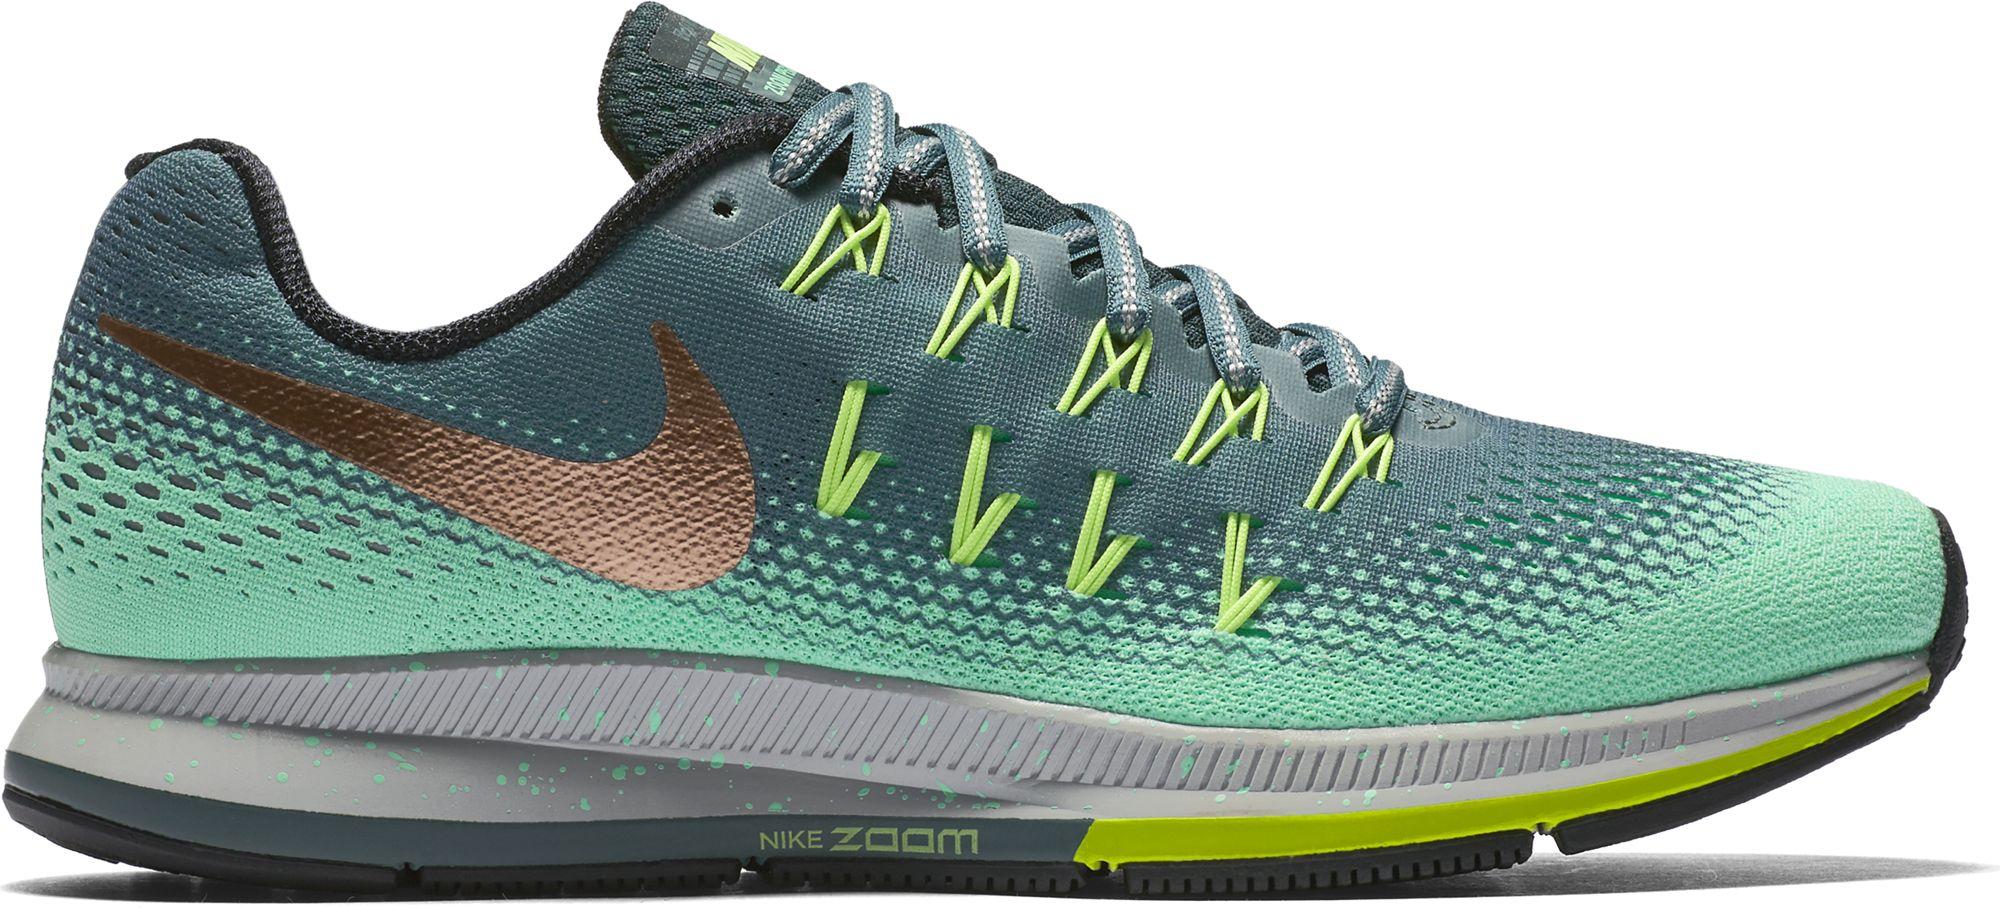 official photos b4111 29e9d Nike AIR ZOOM PEGASUS 33 SHIELD | sportisimo.com